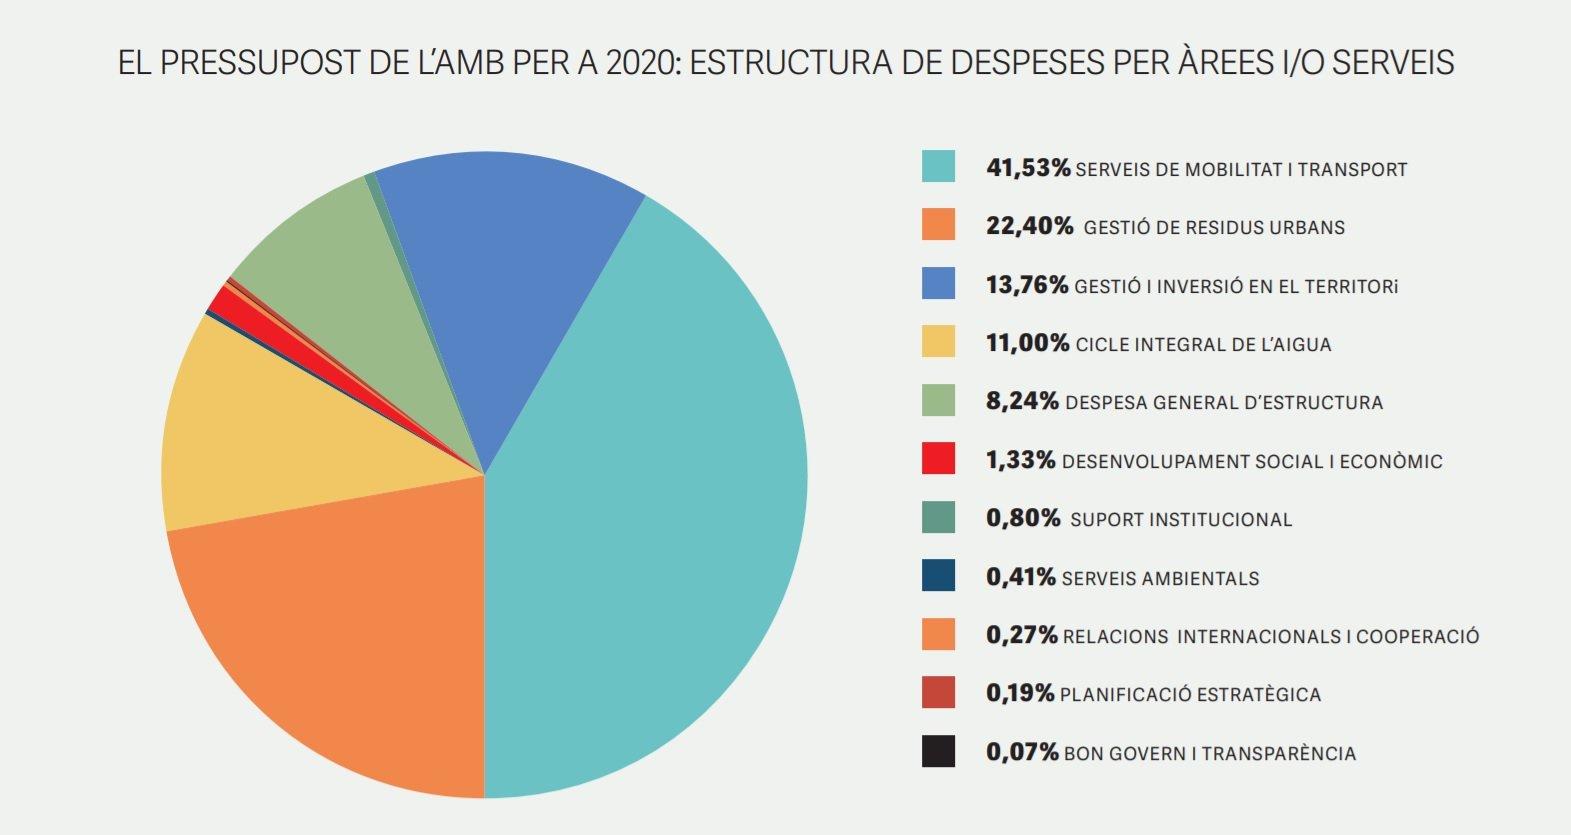 ESTRUCTURA DE GASTOS POR ÁREAS Y/O SERVICIOS